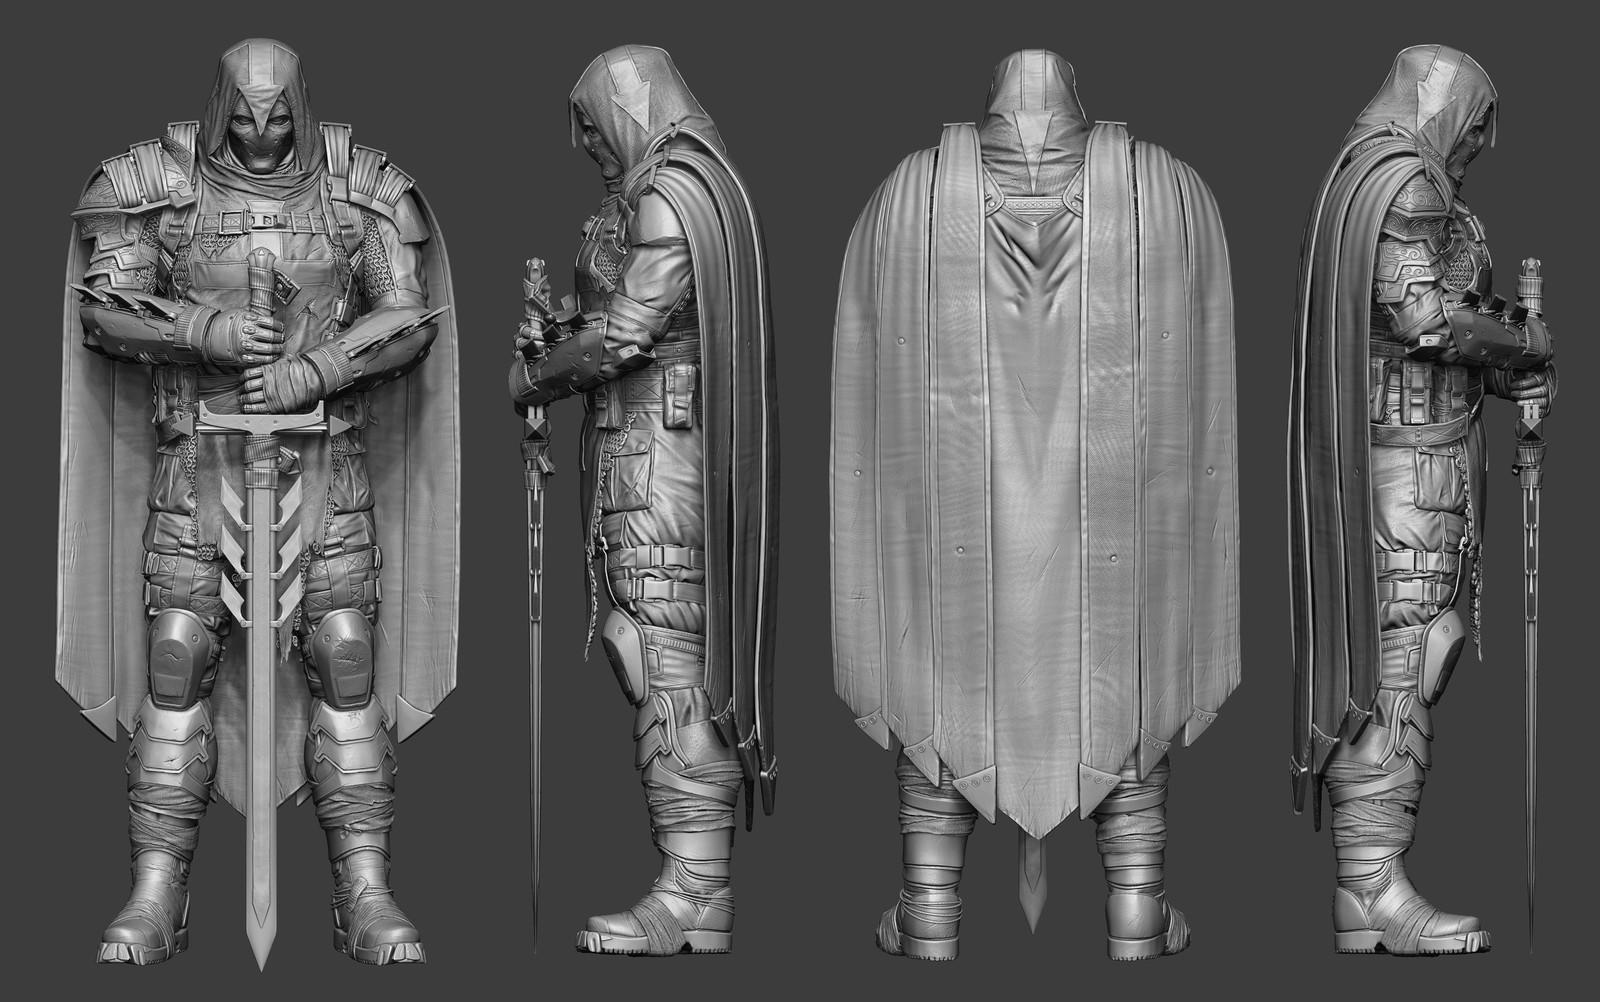 Prime1 Studio Arkham Knight 1:3 Series - Azrael